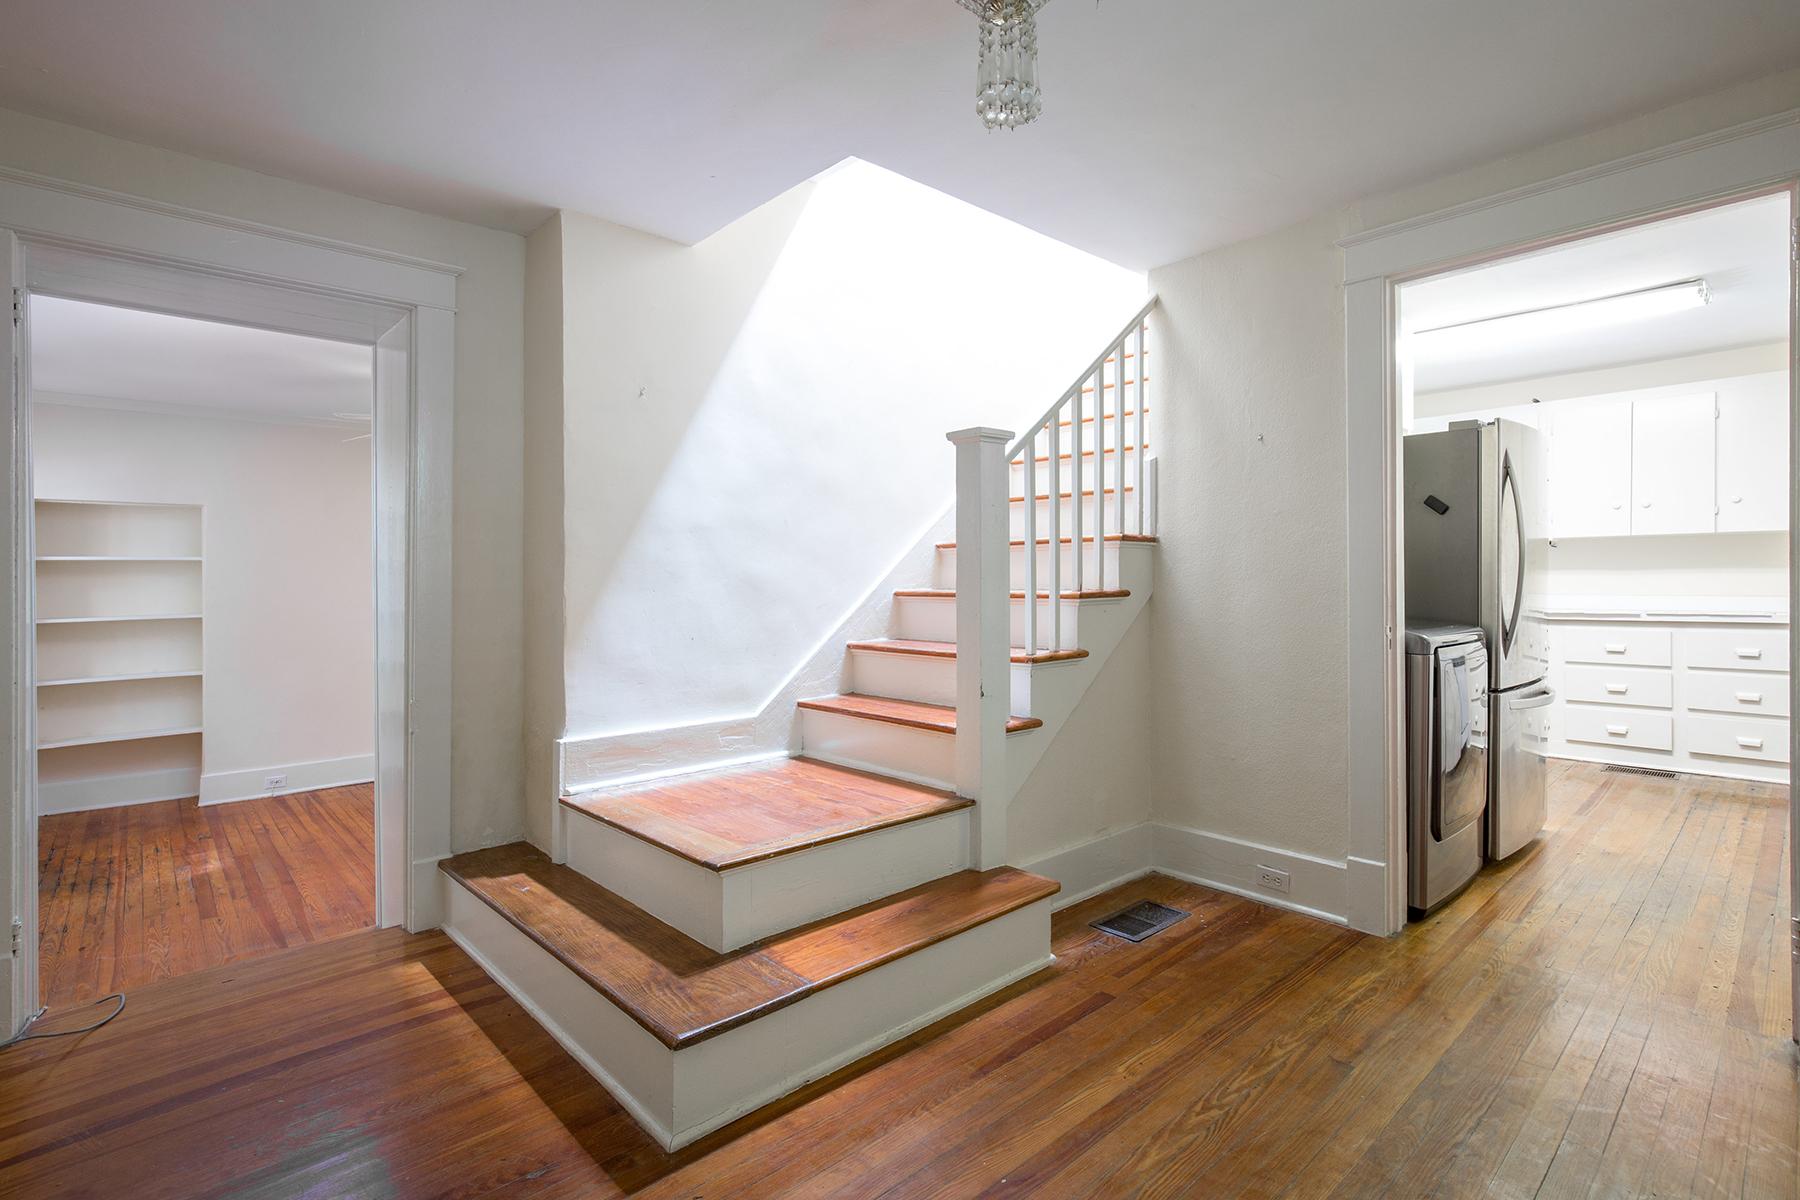 独户住宅 为 销售 在 8 Elliott Street B South Of Broad, 查尔斯顿, 南卡罗来纳州, 29401 美国